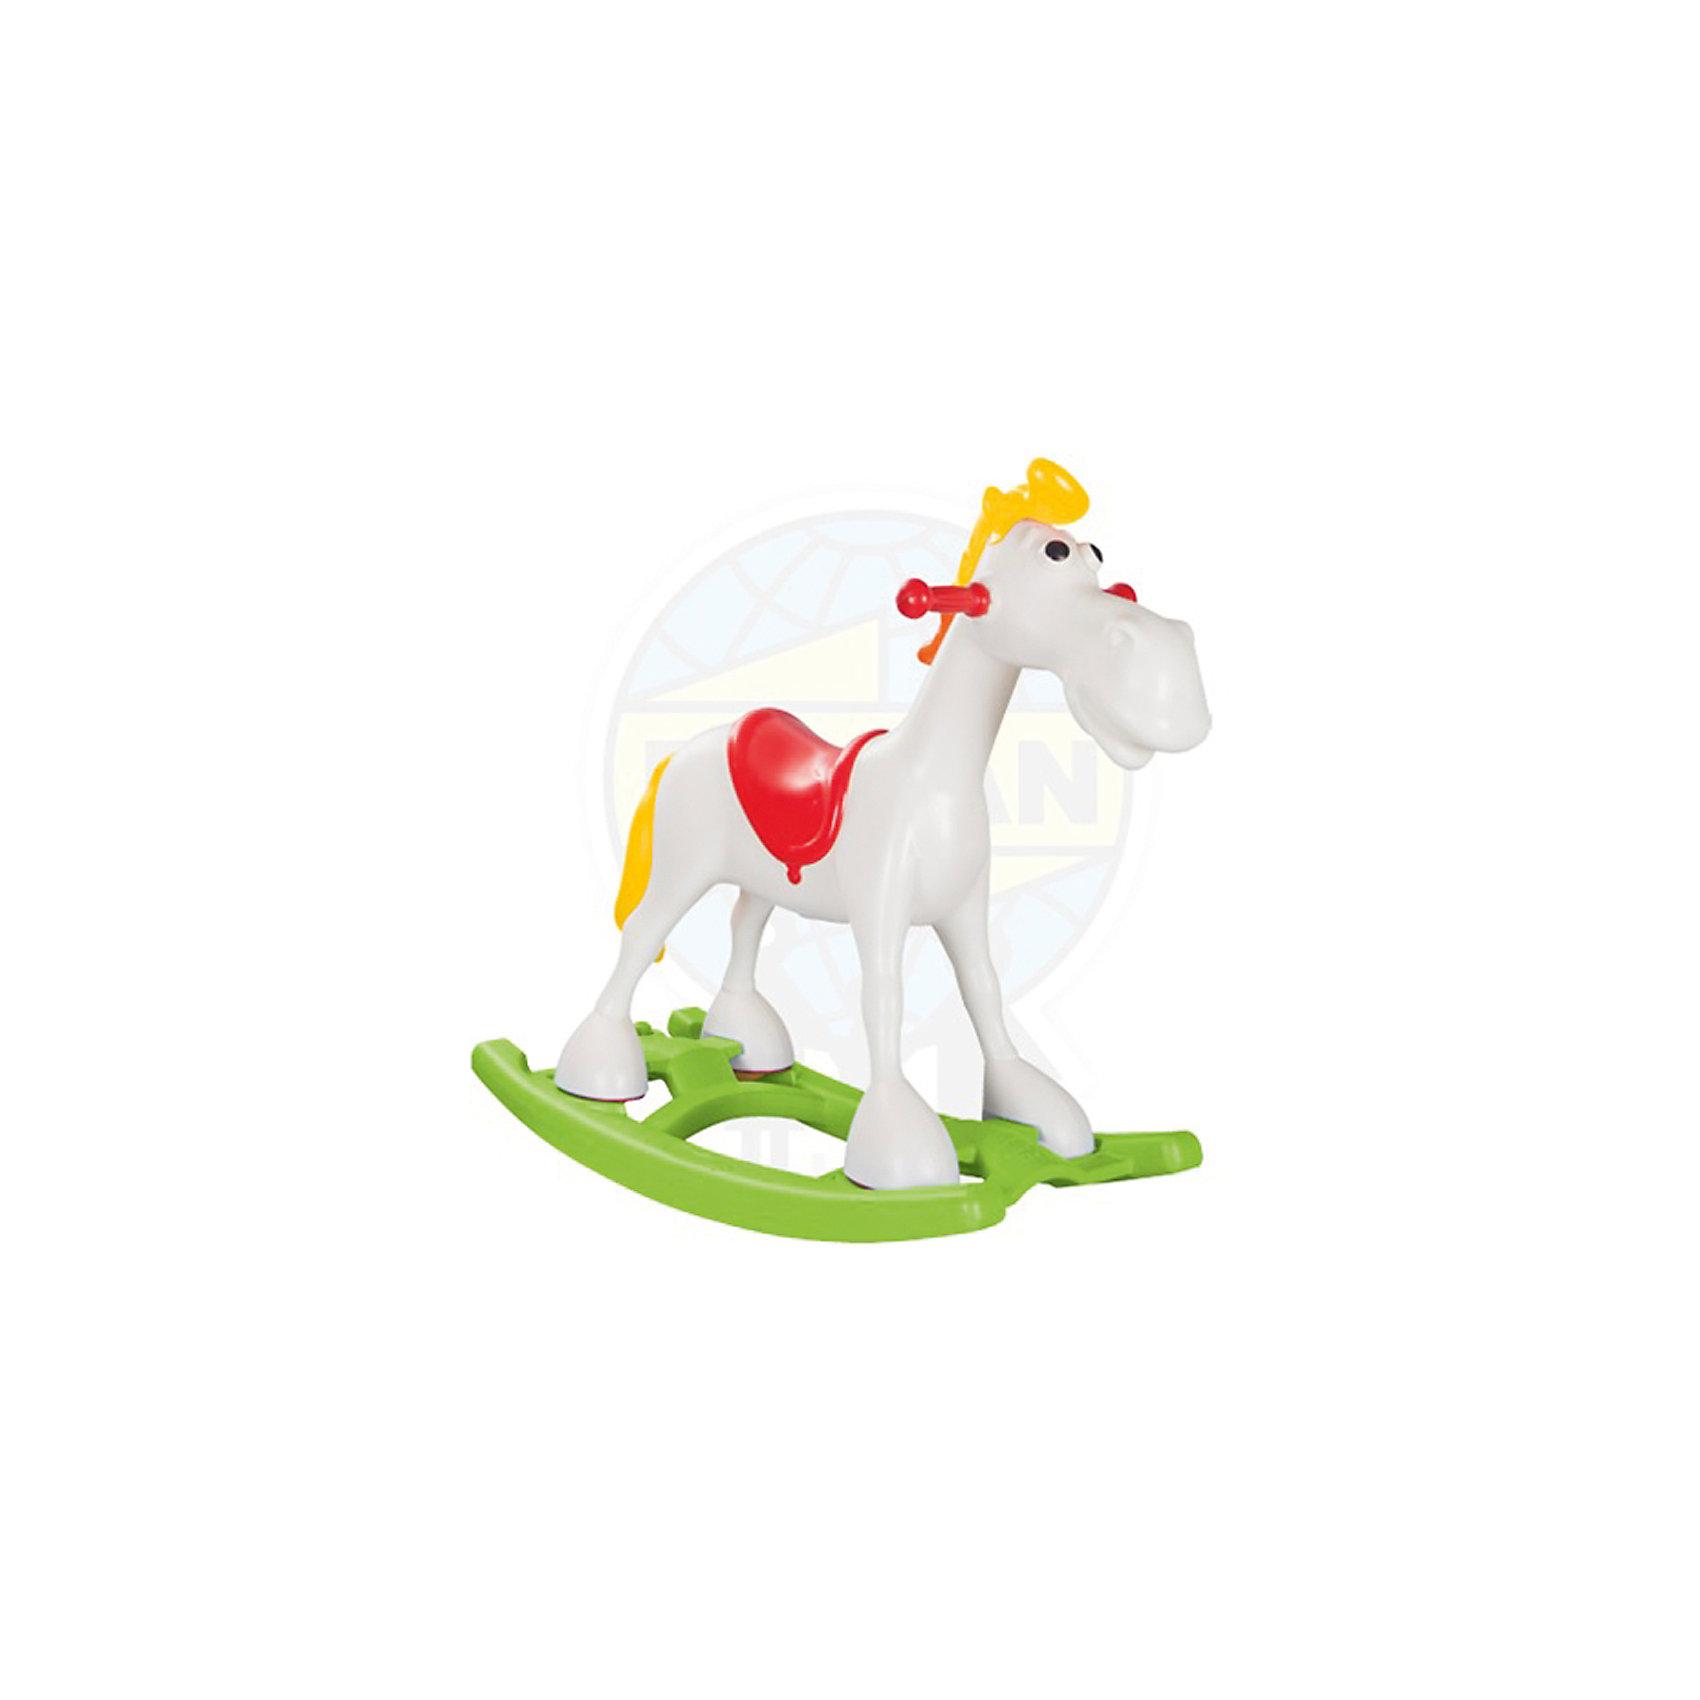 Качалка Лошадка Lucky Horse, PILSANЭта качалка разработана специально для самых маленьких. С помощью качалки ребенок будет активнее изучать окружающий мир и развить чувство равновесия, координацию и моторику. Качалка имеет удобные для маленького ребенка ручки и рассчитана на максимально безопасный диапазон качания. Игрушку можно использовать как качалку или кататься на ней, убрав платформу.<br>Качалка выполнена в яркой расцветке в виде веселой лошадки, она произведена из высококачественных материалов. Эти материалы безопасны для ребенка. Предназначена и для дома, и для улицы. Она очень легко моется и мало весит.<br><br>Дополнительная информация:<br><br>цвет: разноцветный;<br>материал: пластик;<br>максимальная нагрузка: до 50 кг;<br>размер: 95 х 41 х 78,5 см.<br><br>Качалку Лошадка Lucky Horse от марки PILSAN можно купить в нашем магазине.<br><br>Ширина мм: 950<br>Глубина мм: 410<br>Высота мм: 785<br>Вес г: 3950<br>Возраст от месяцев: 24<br>Возраст до месяцев: 84<br>Пол: Унисекс<br>Возраст: Детский<br>SKU: 4715399